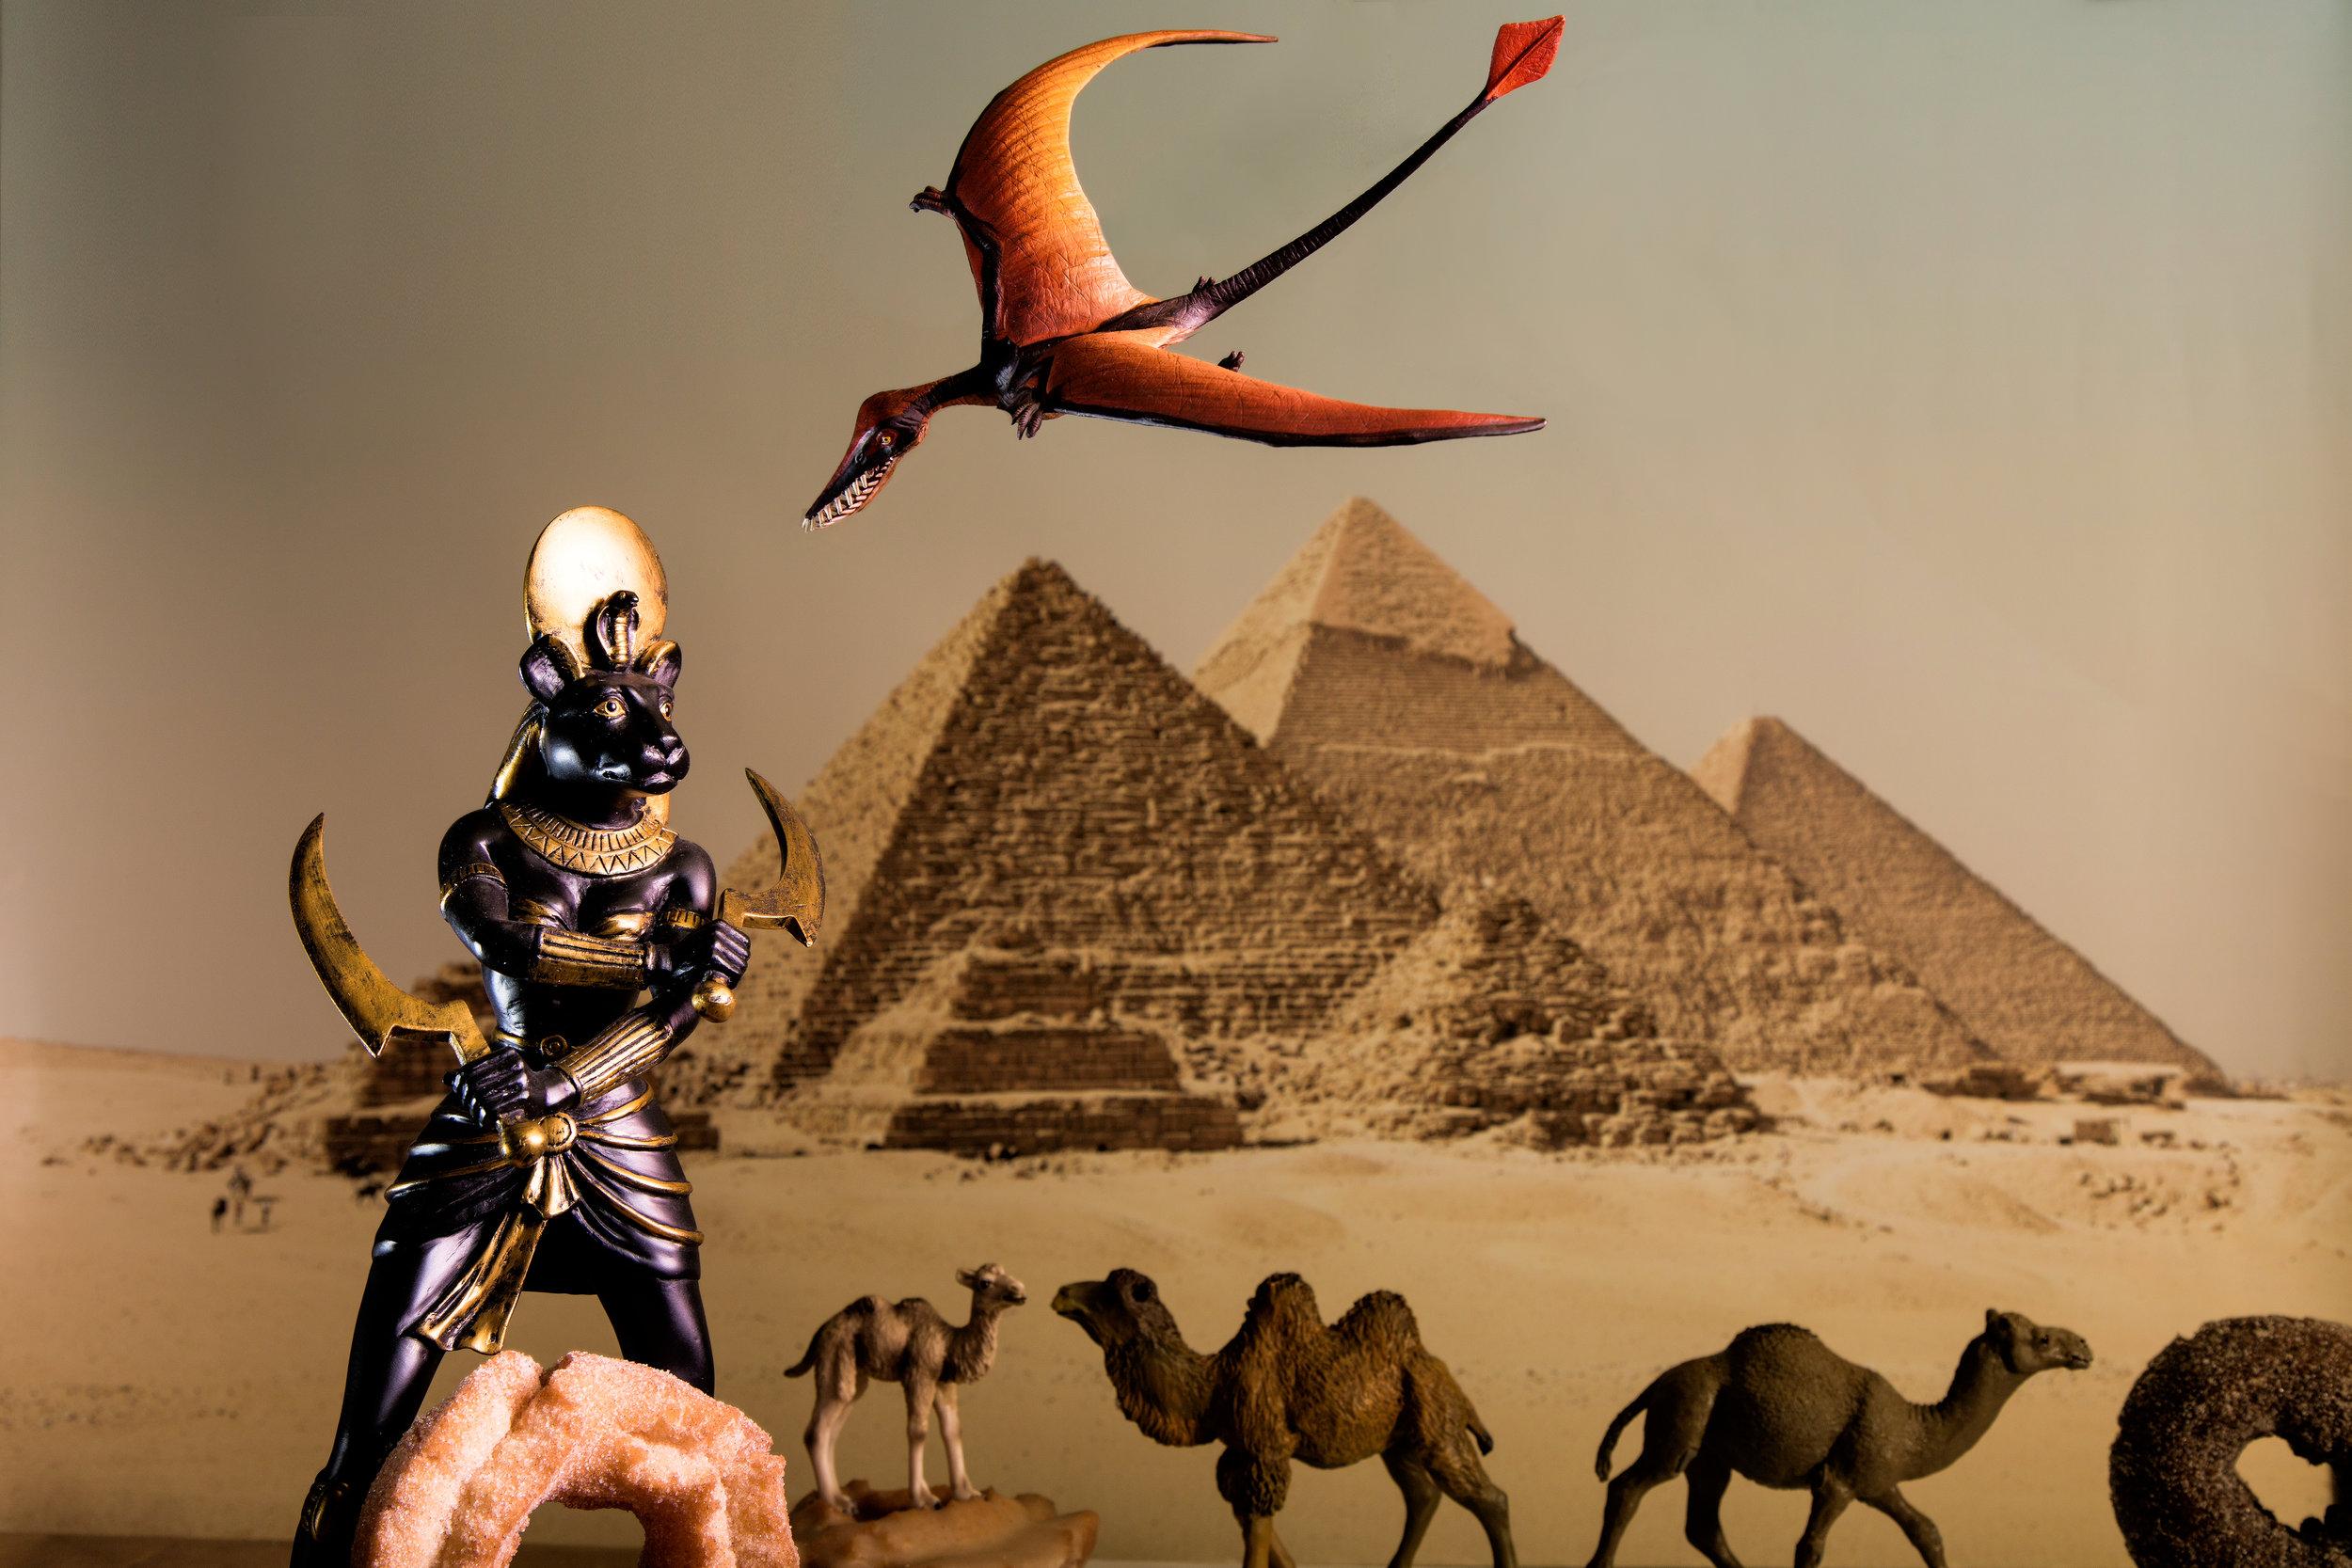 Egypt Scene with Teradactyl